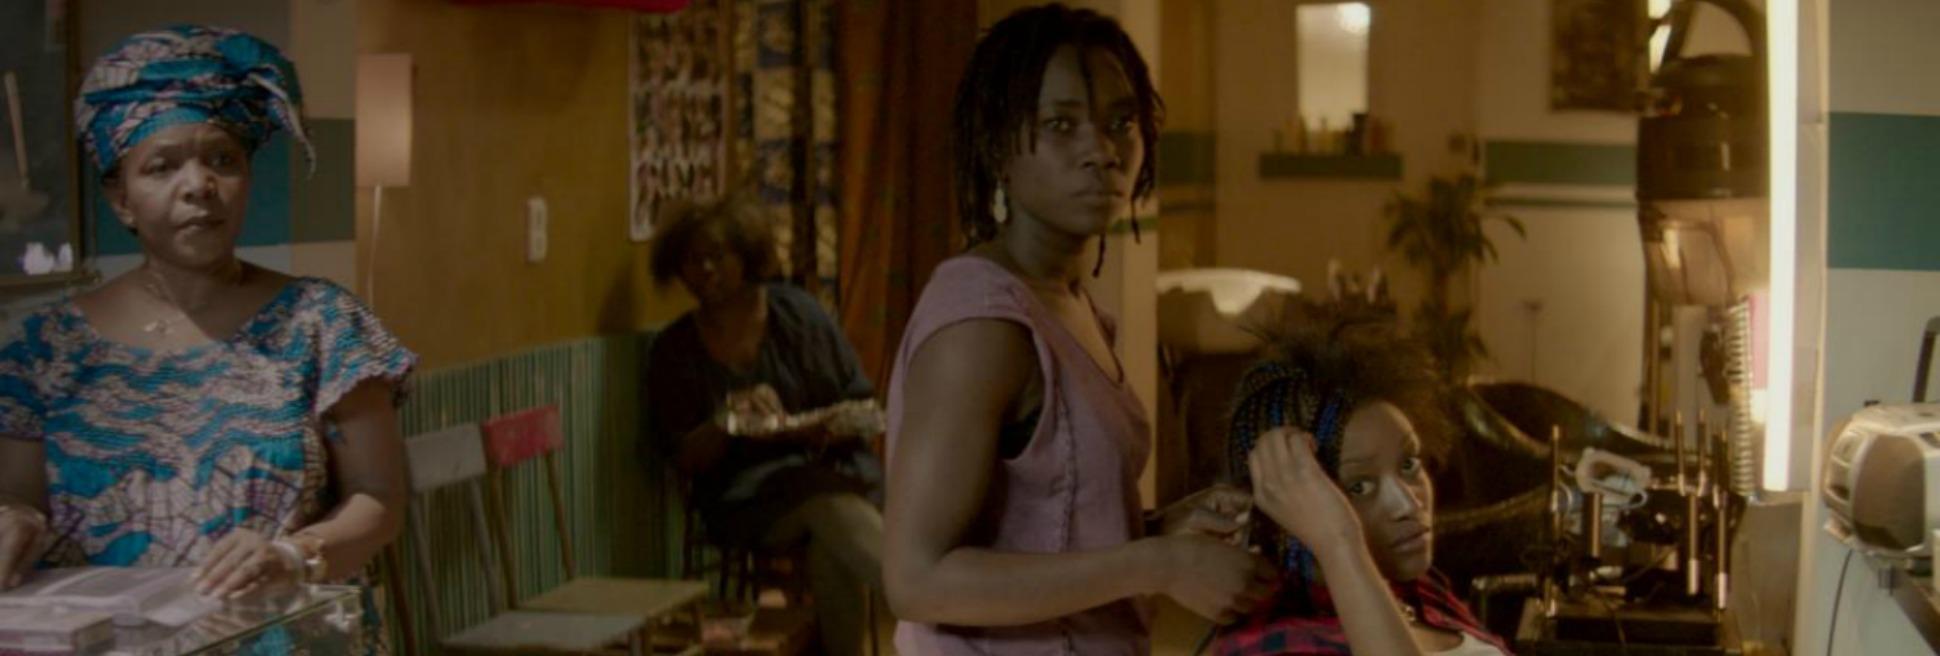 NKOSI COIFFURE de Frédérike Migom, 2015, fiction, 14'   Dans une rue àMatonge, le quartier Congolaise à Bruxelles, Eva tente d'échapper à une dispute avec son petit ami en fuyant dans un salon de coiffure afro. Initialement elle est prise en charge par les femmes dans le salon, qui voient une femme en détresse. Mais quand nous découvrons la raison de la dispute, les opinions se divisent.